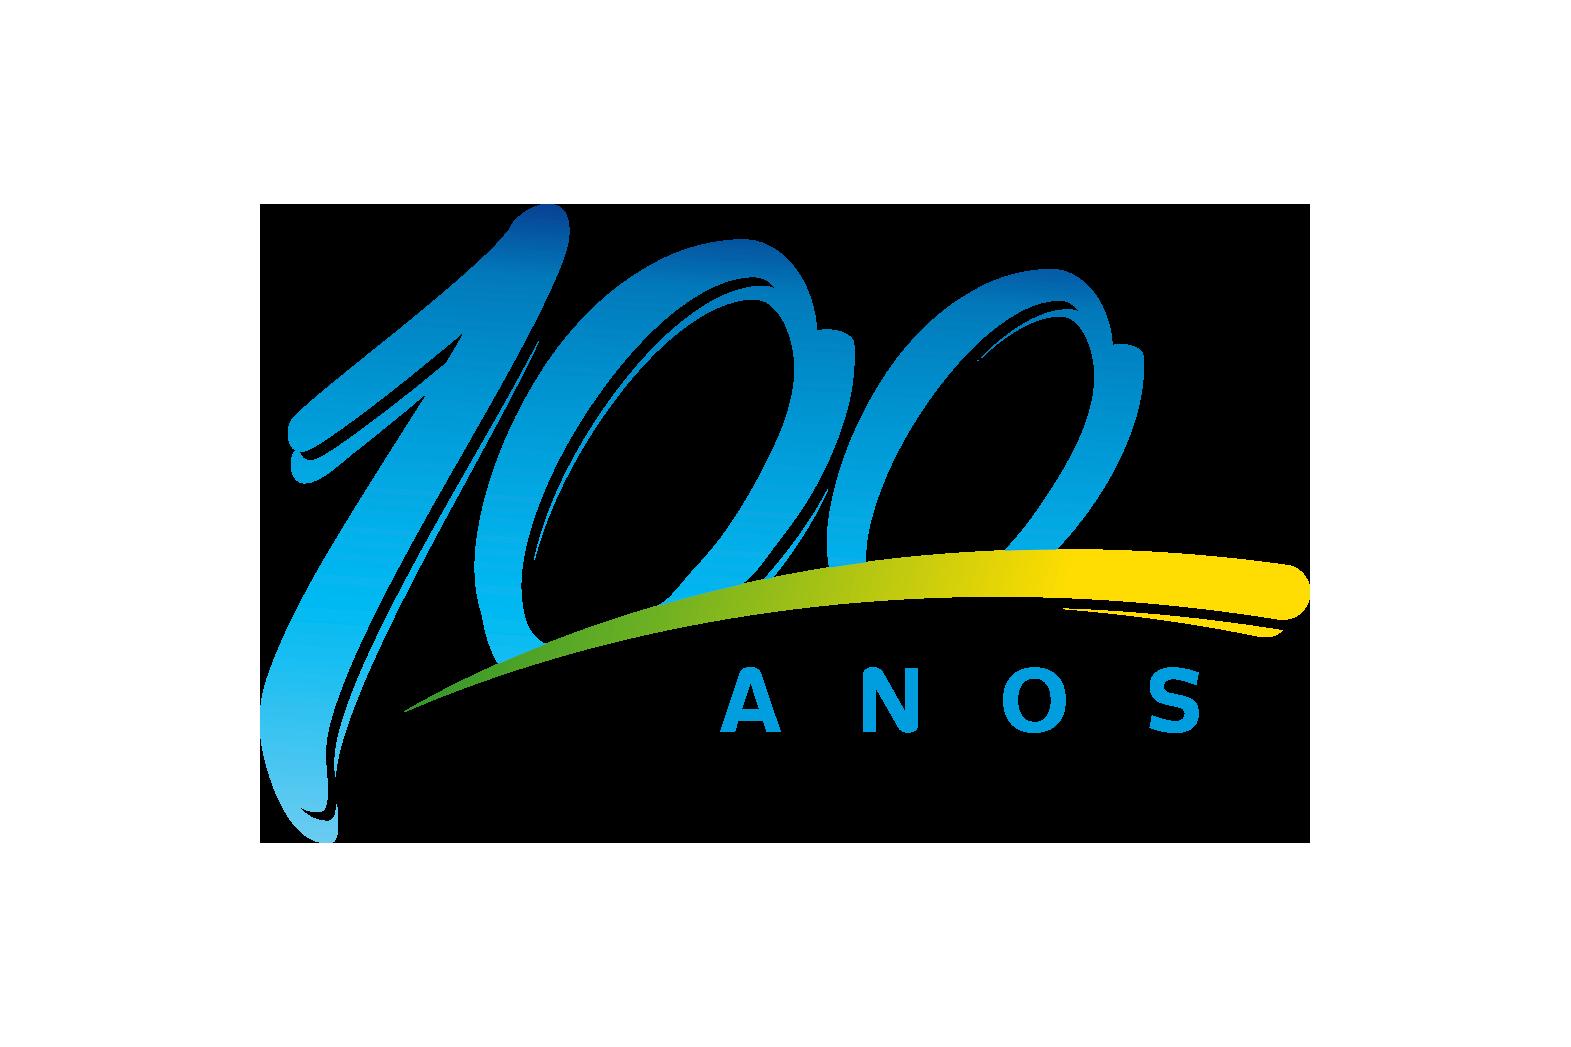 selo-100anos-preferencial-RGBLogo 100 anos